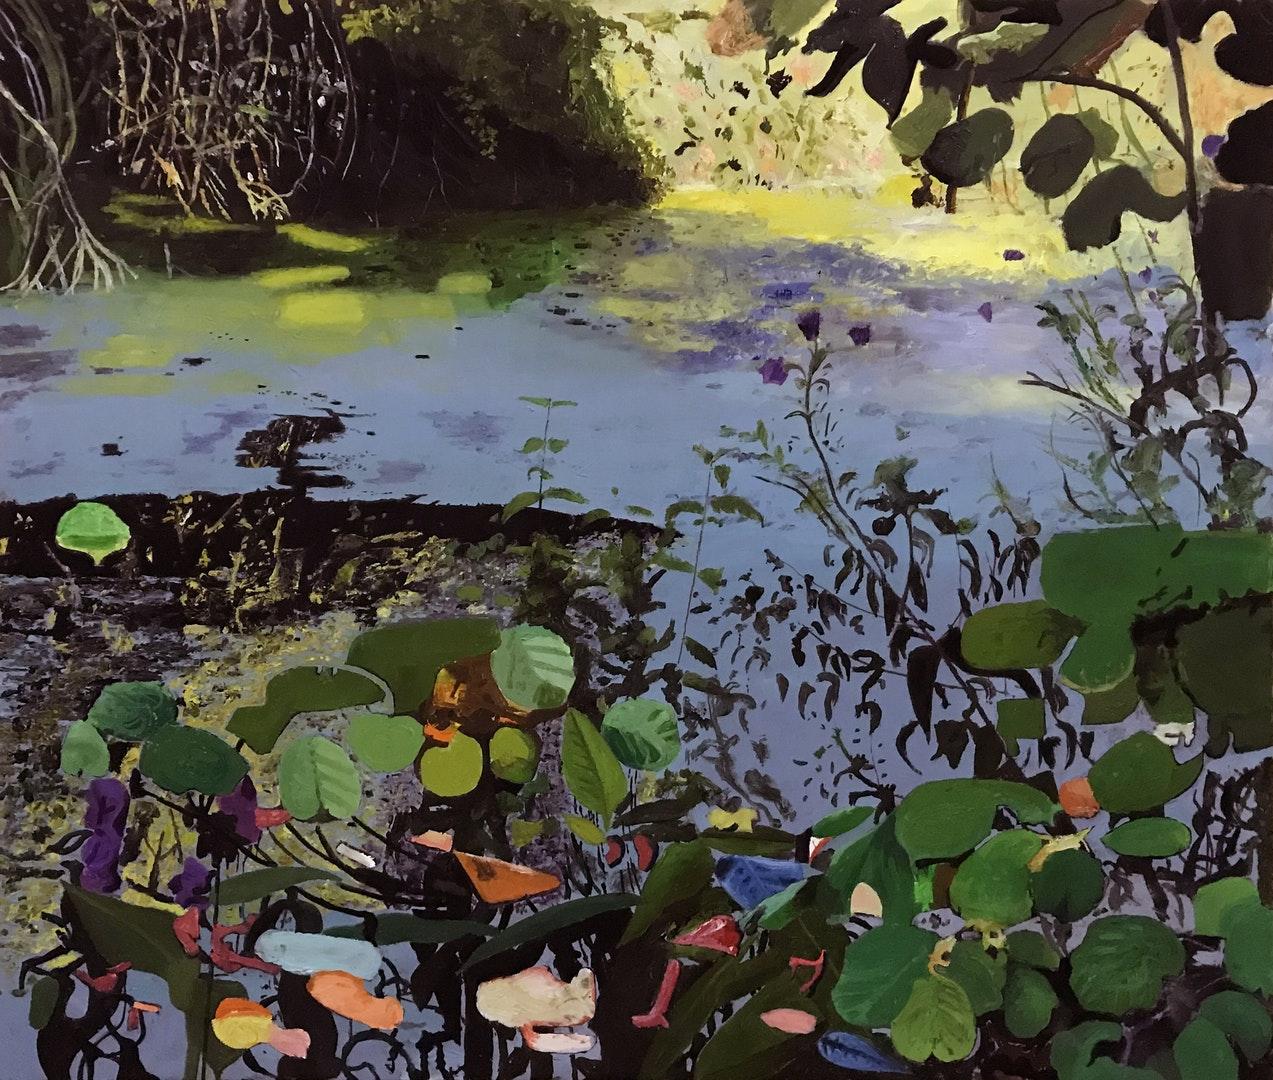 'Elsecar Canal', Iain Nicholls, Oil on canvas, 91 x 122 x 3 cm